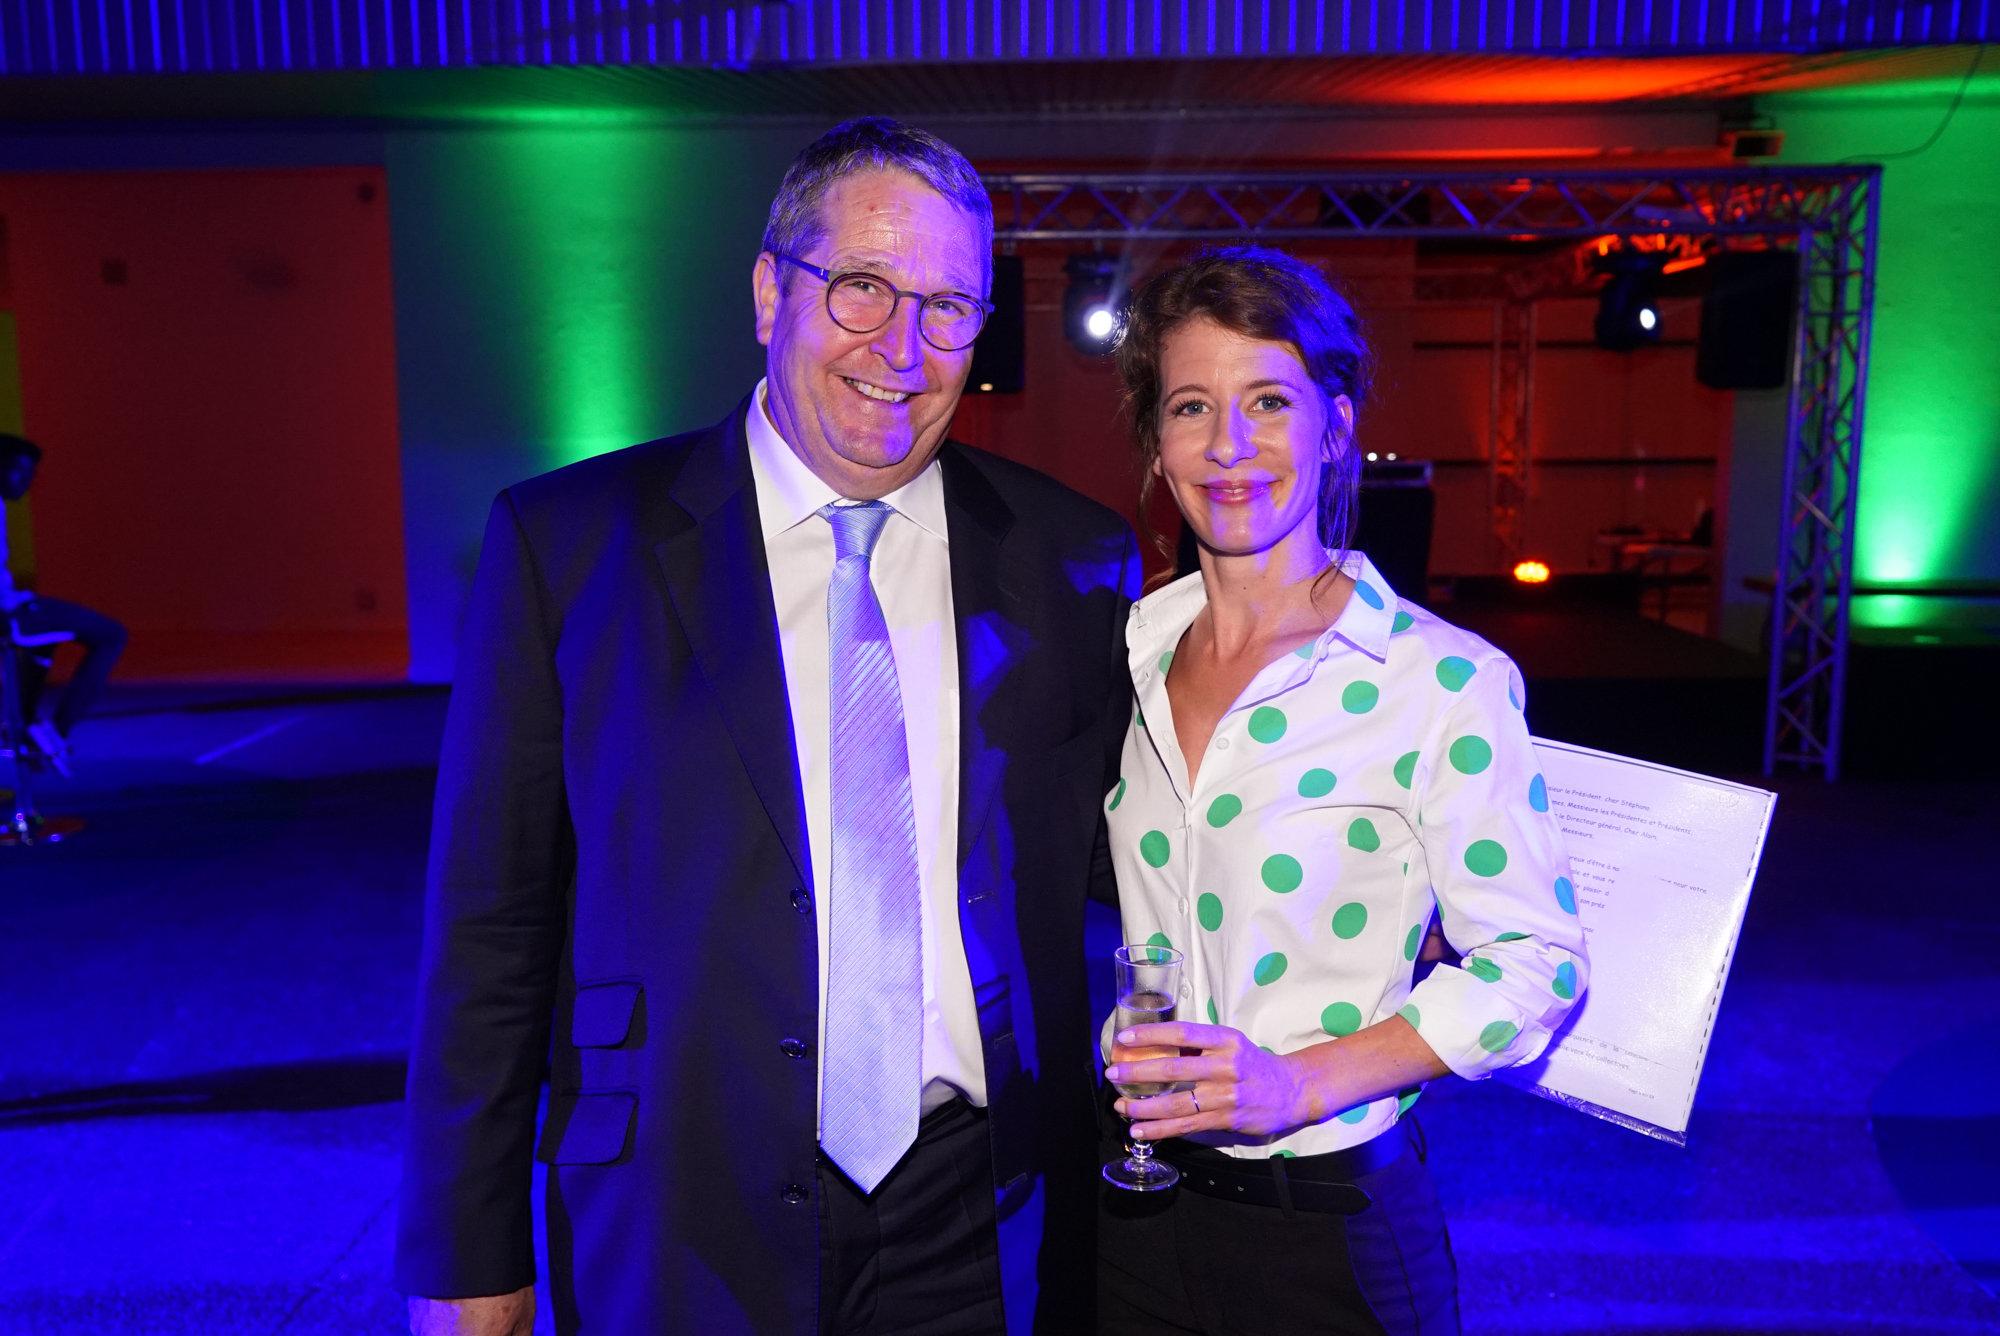 Cerise et Michel Baylet, vice-président de la Fédération Groupama